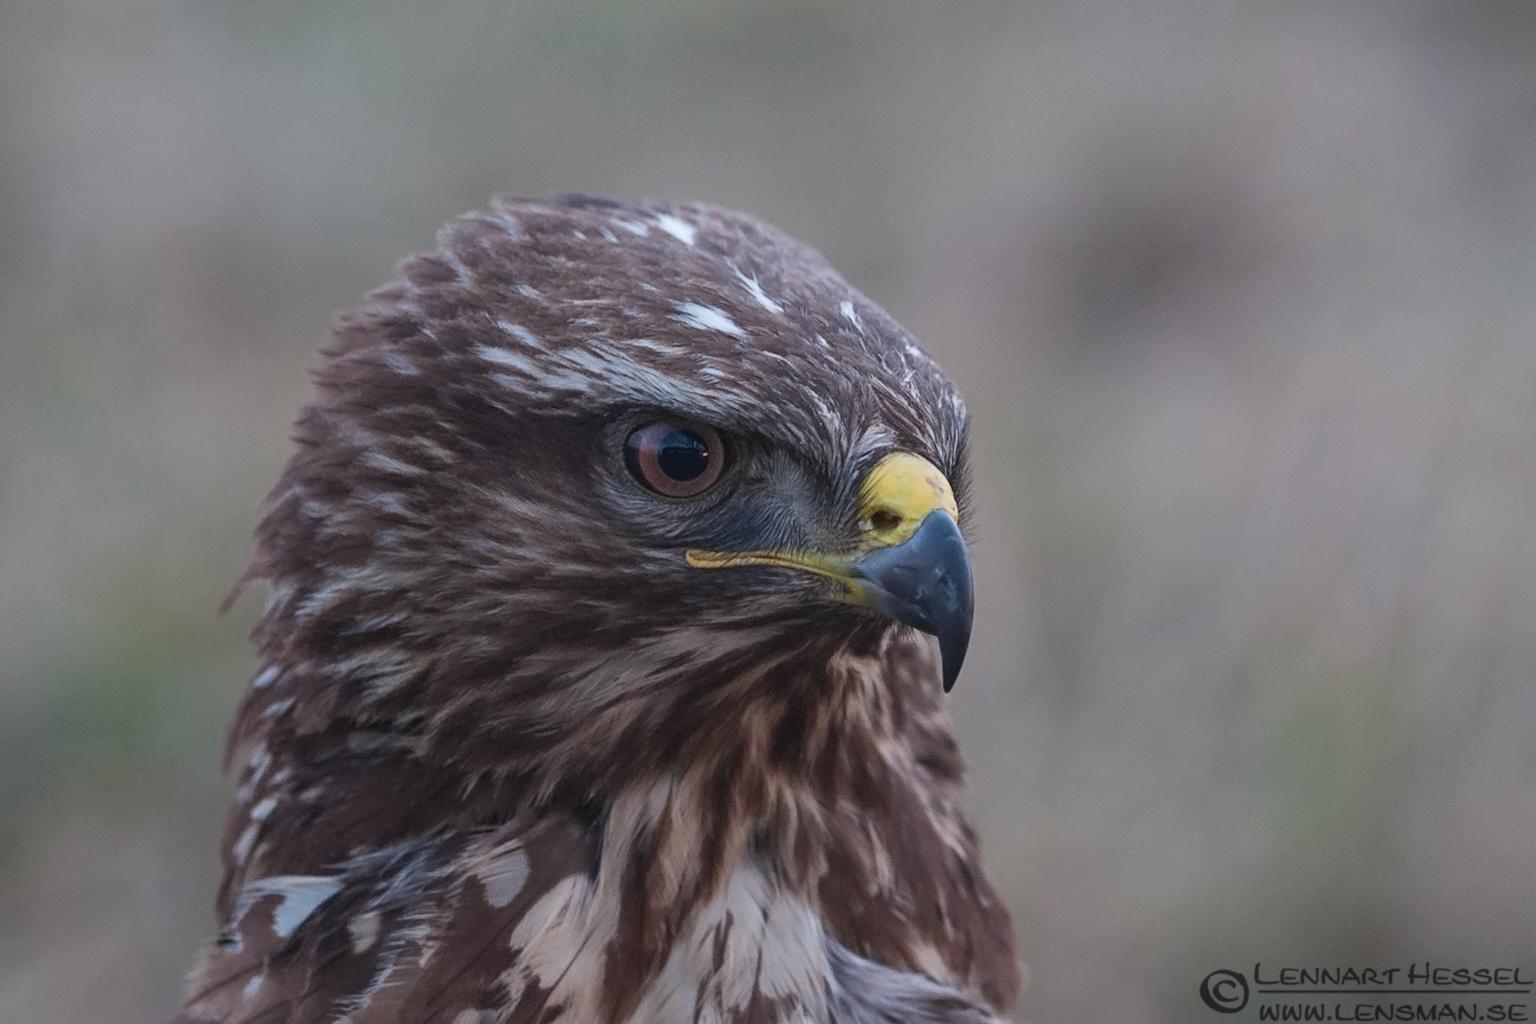 Common Buzzard closeup eagle